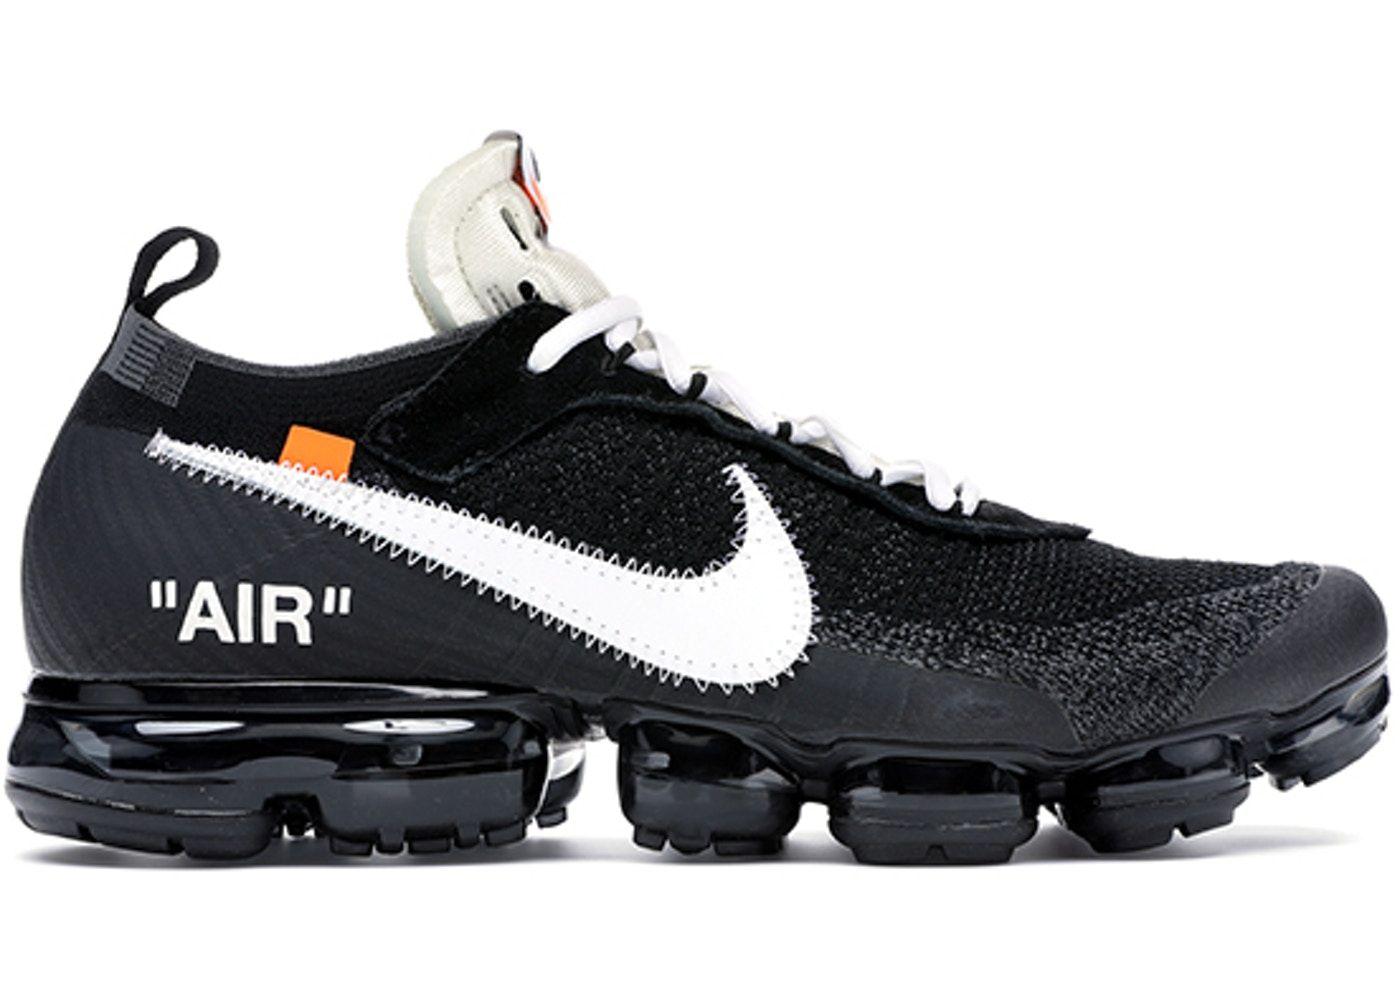 Nike Air Vapormax Off White Nike Air Vapormax Mens Sneakers Casual Sneakers Men